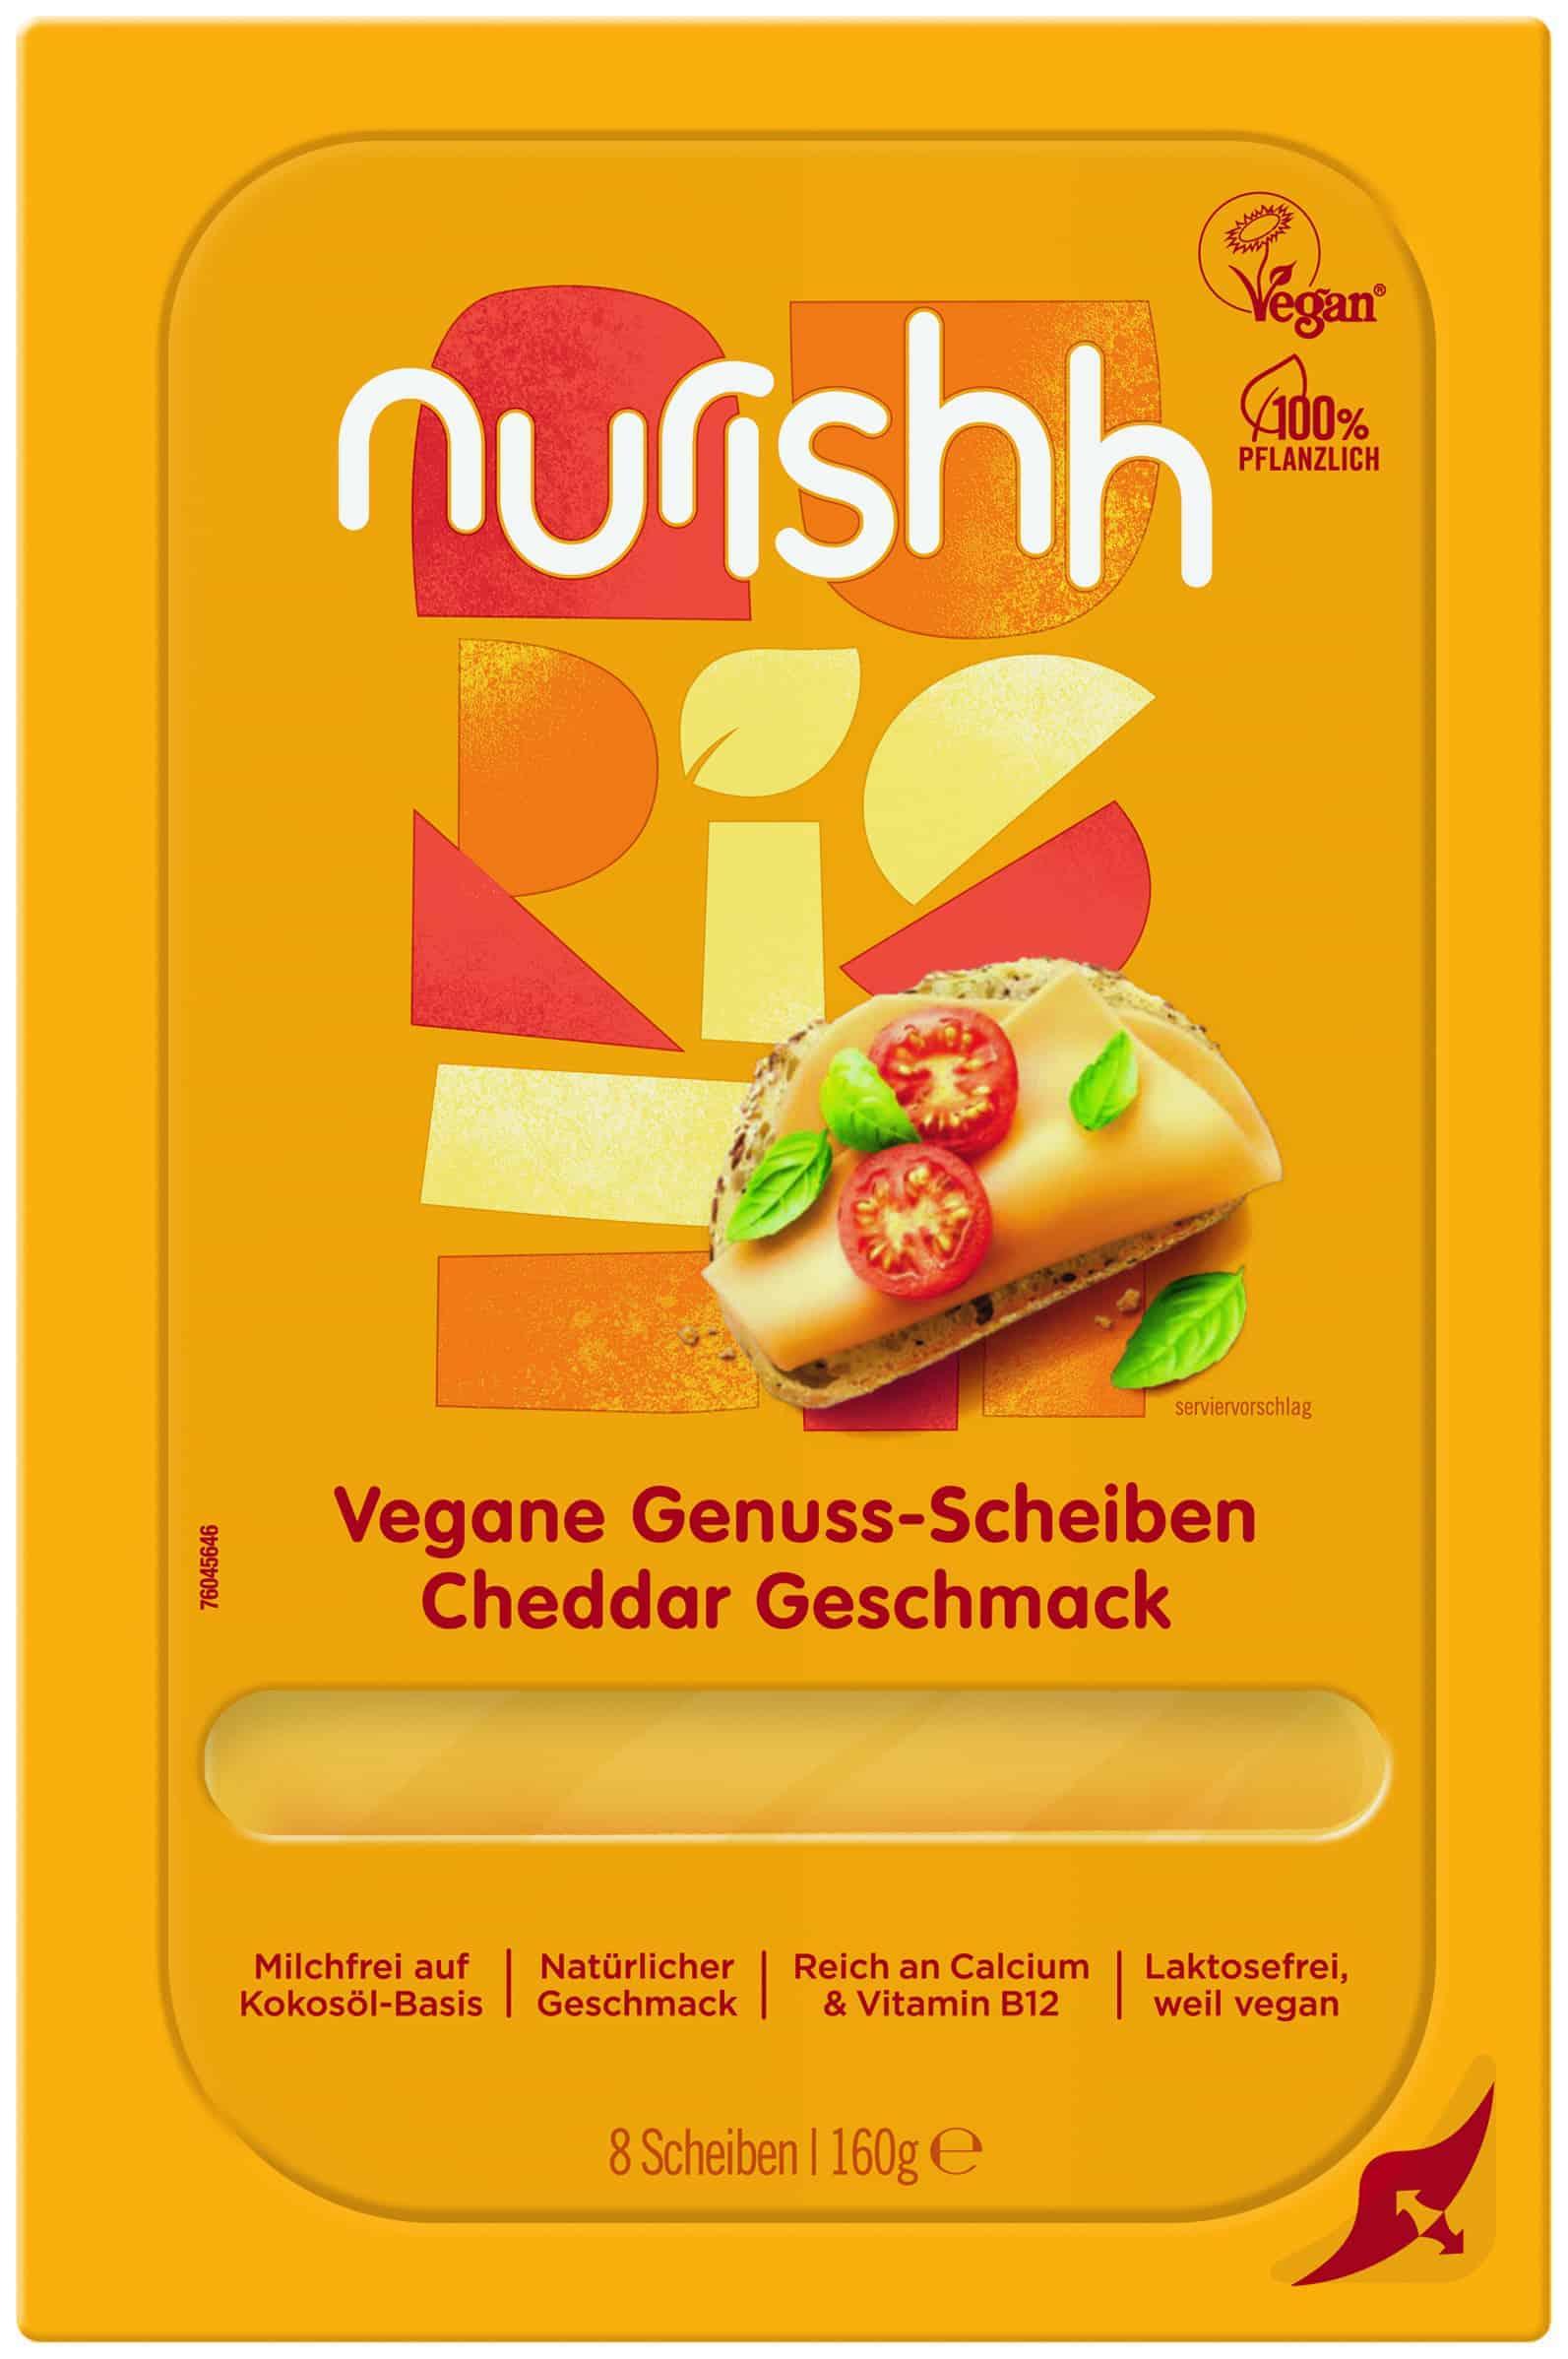 Vegane Genuss-Scheiben Cheddar Geschmack